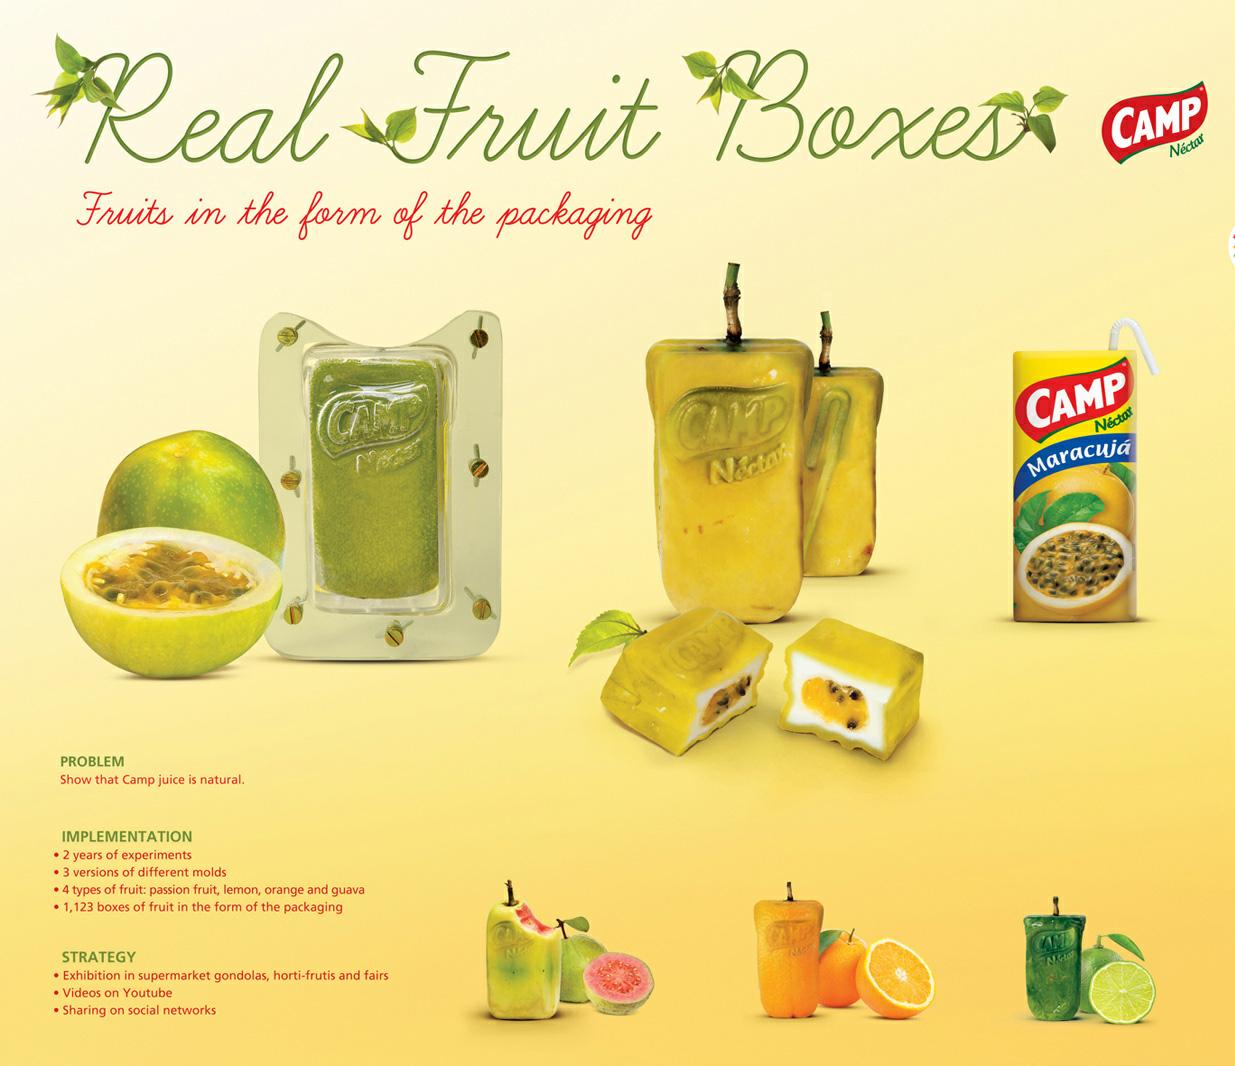 Квадратные фрукты для Camp.